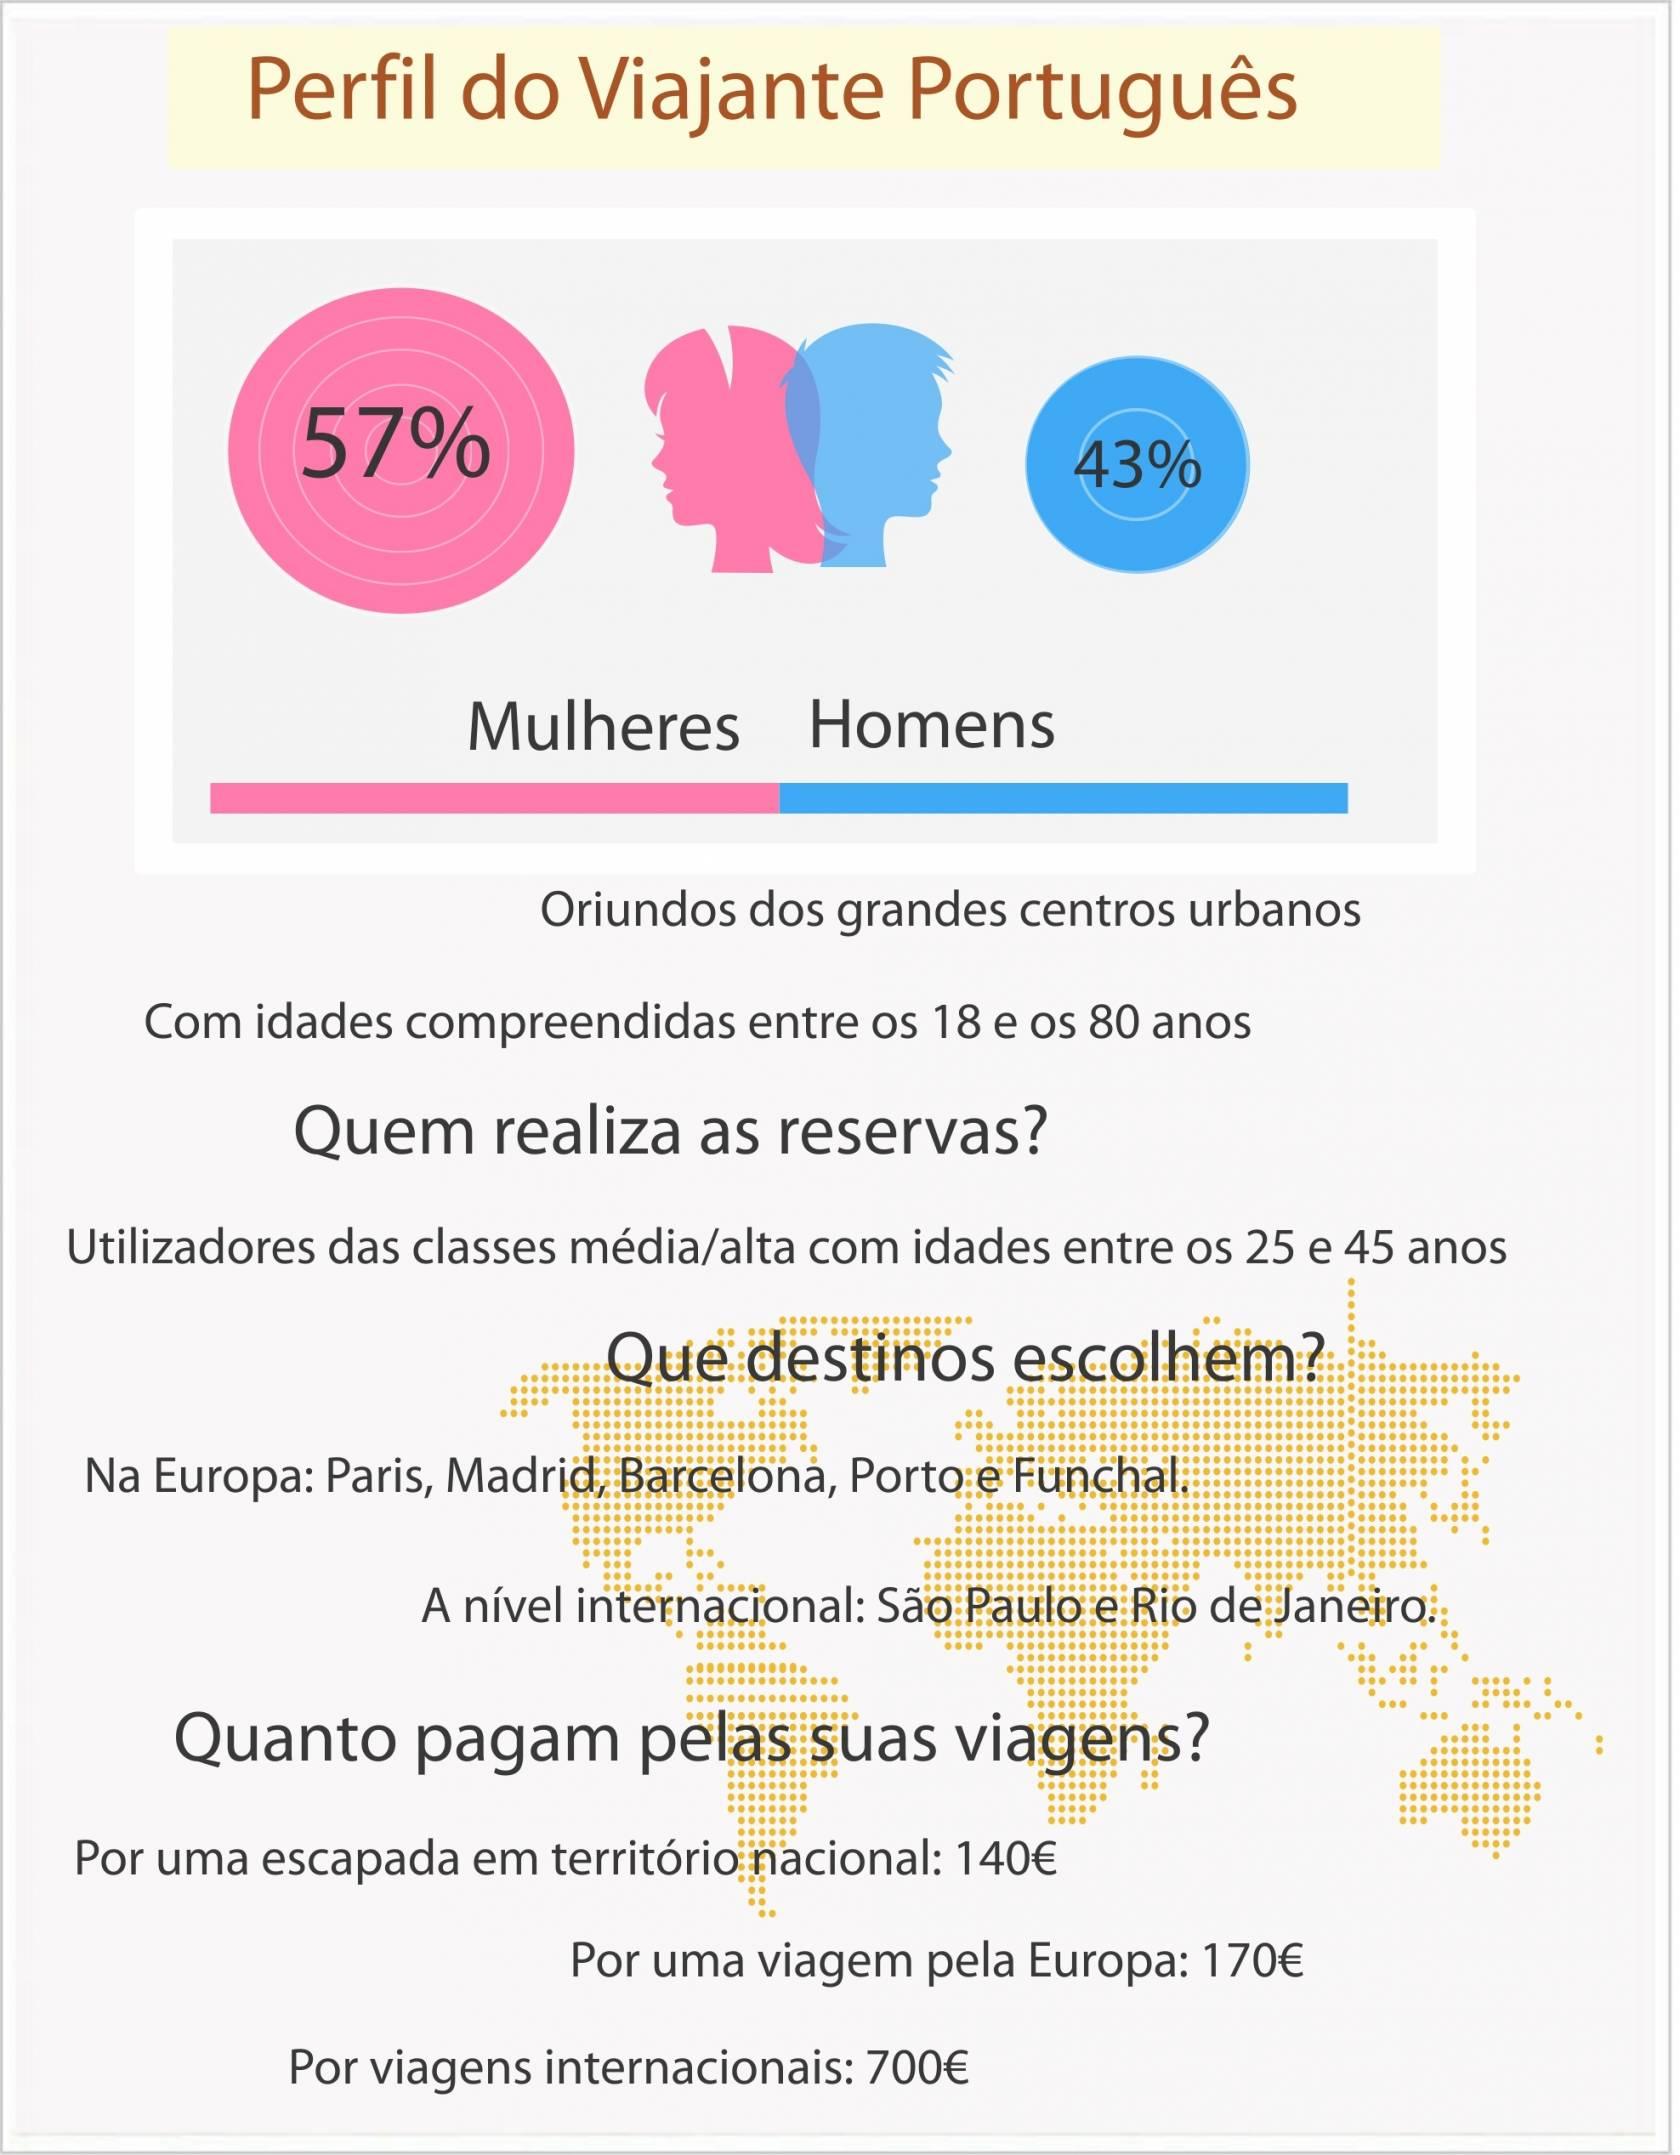 perfil do viajante português